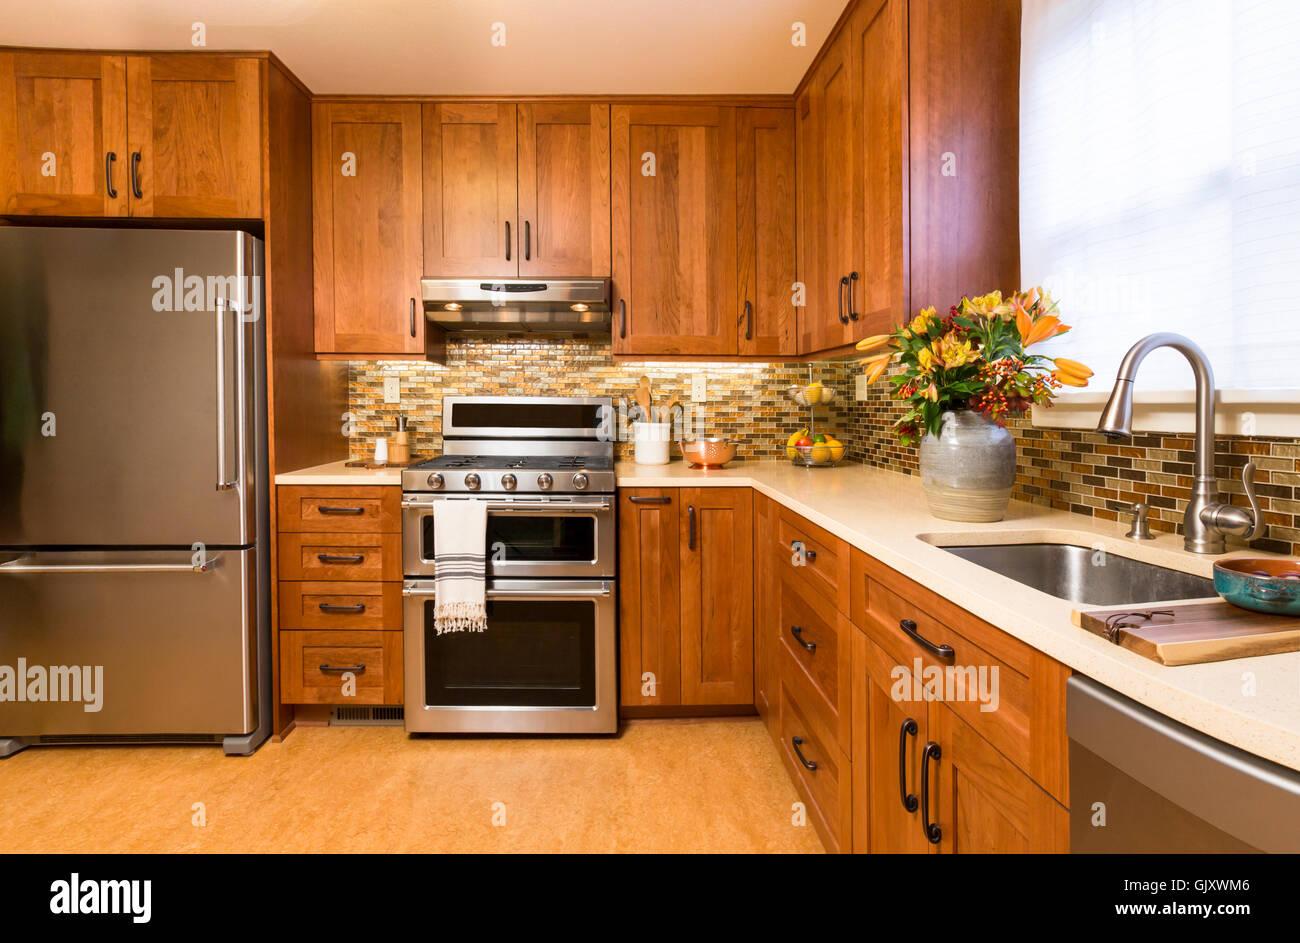 Zeitgenössische gehobene Küche zu Hause Interieur mit Kirsche Holz ...